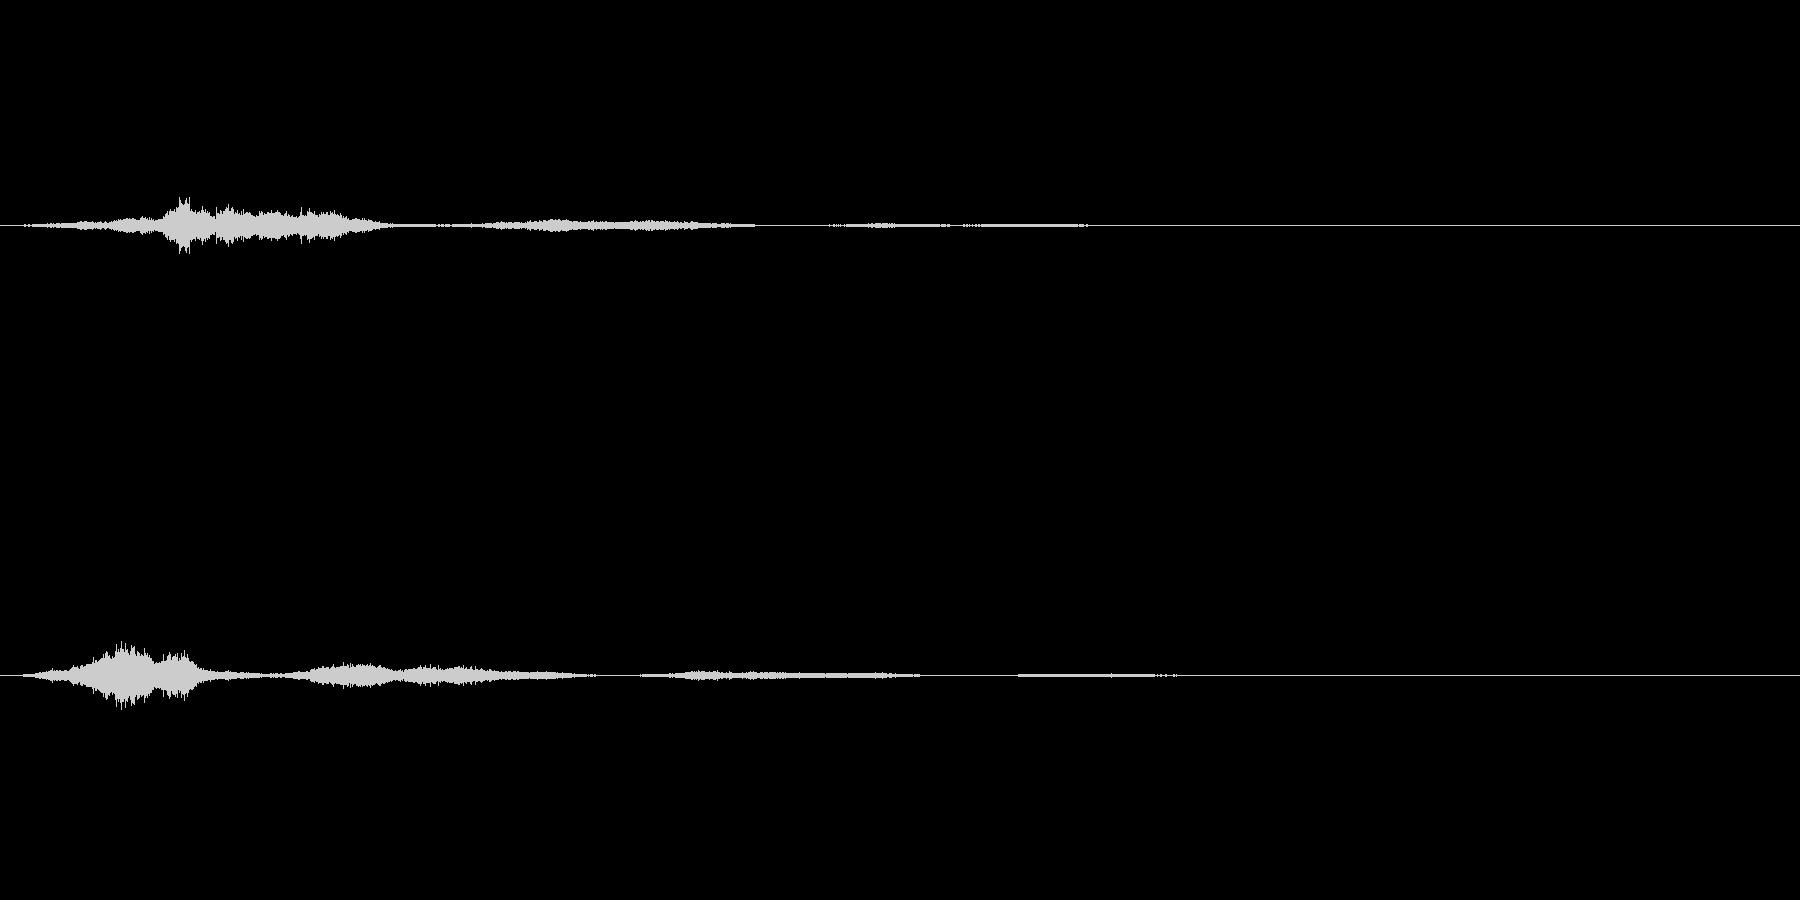 【SE 効果音】風3の未再生の波形